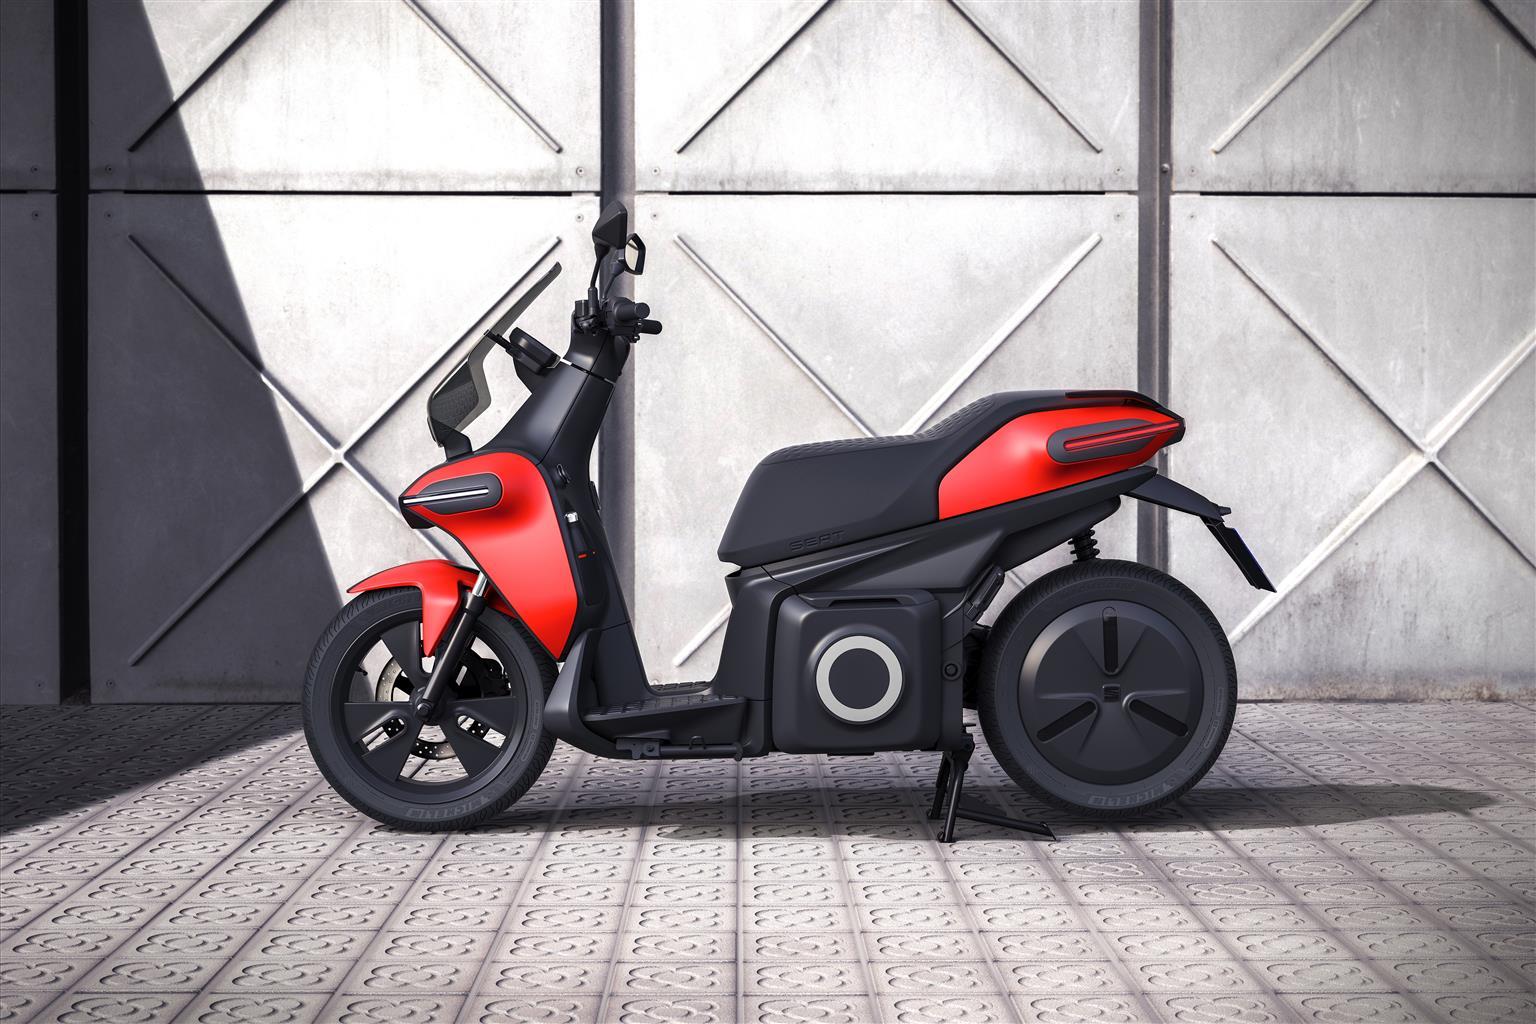 SEAT entra nel mercato delle moto con uno eScooter 100% elettrico